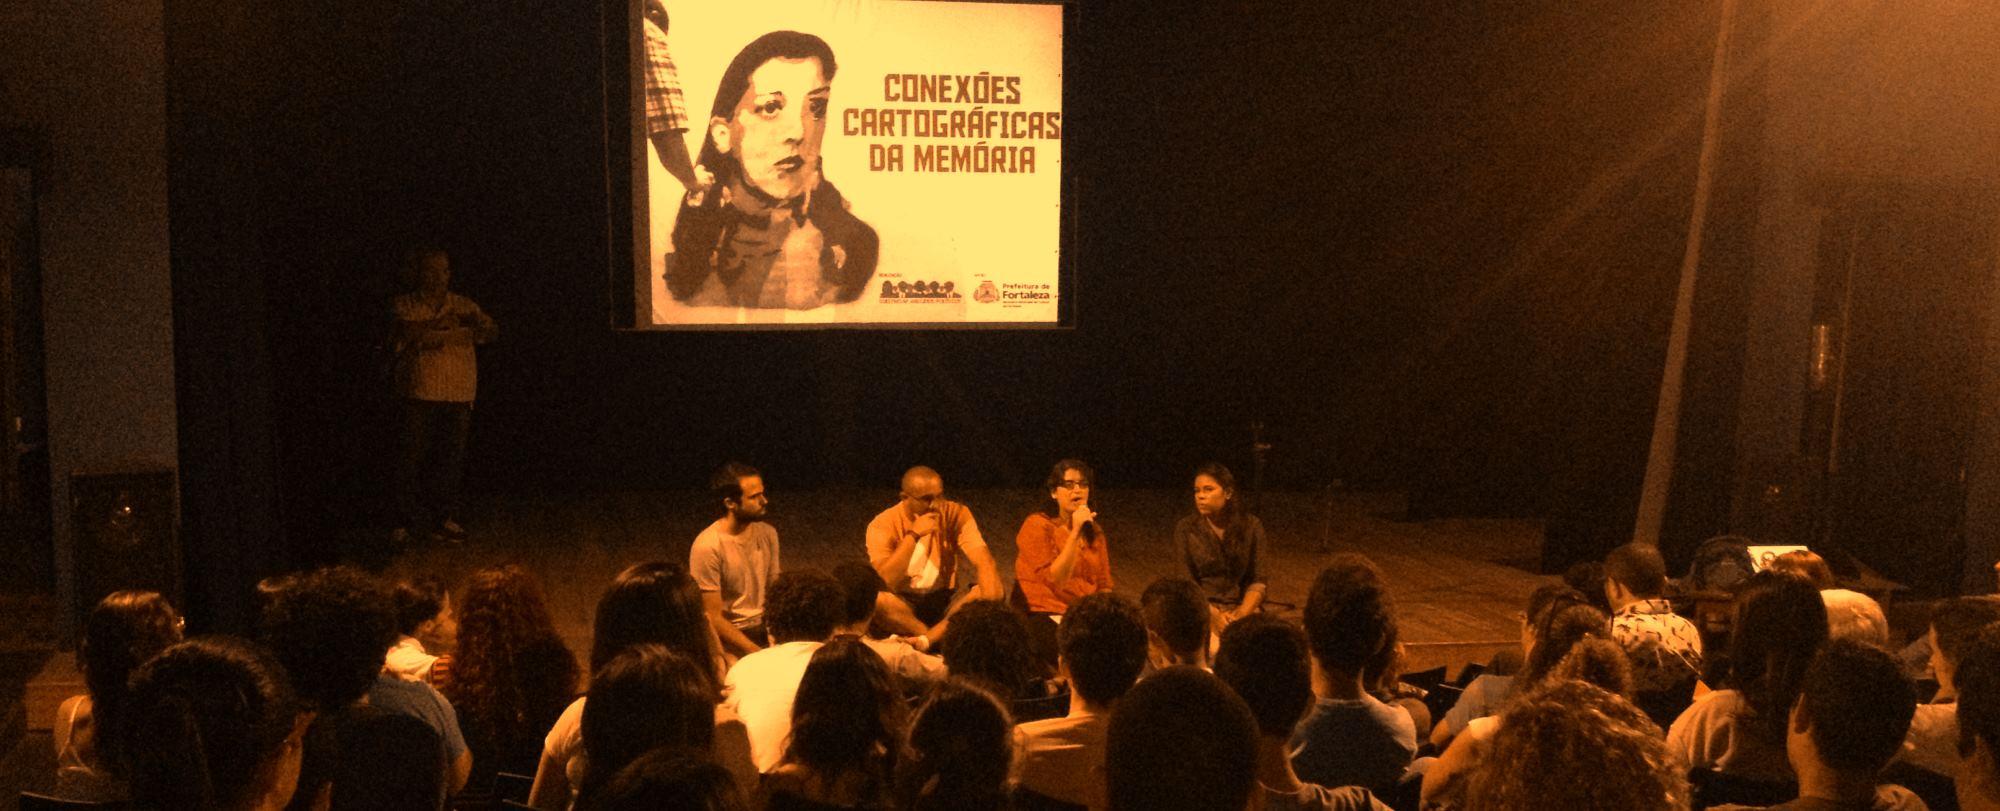 Coletivo lança mapeamento sobre resquícios da ditadura